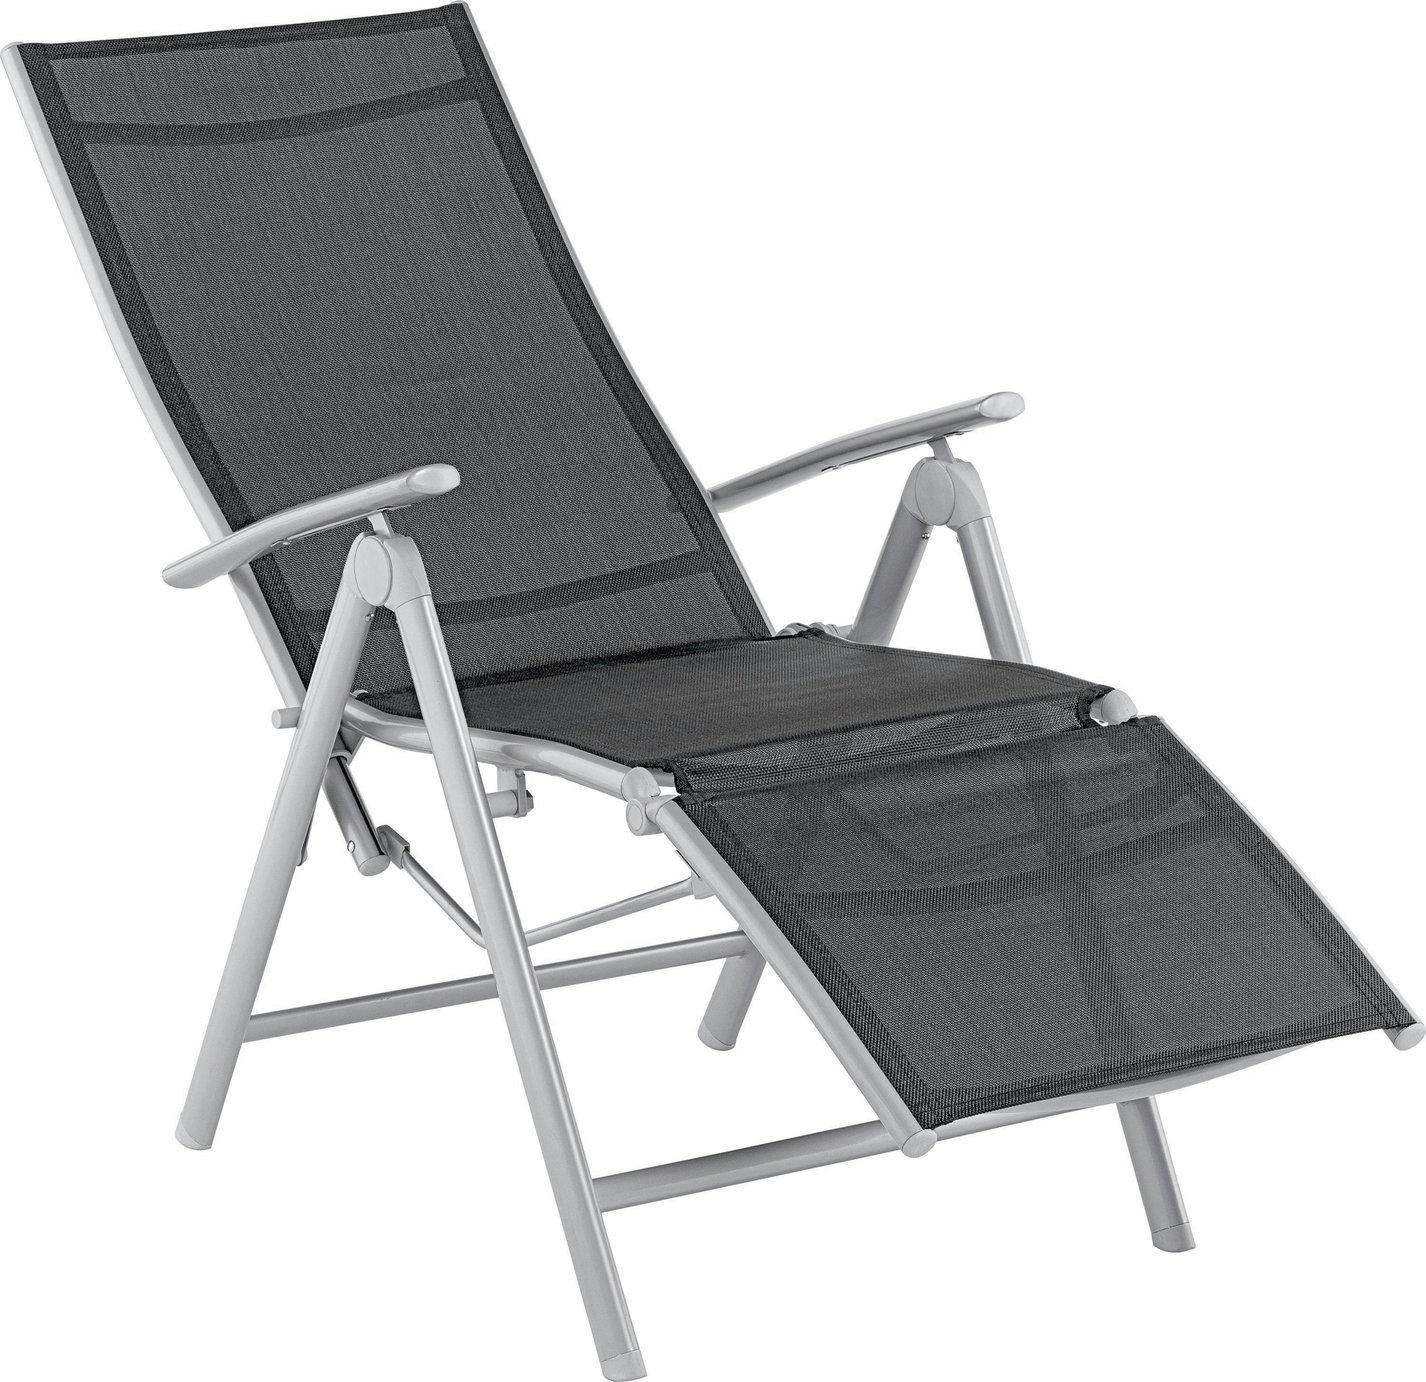 garden furniture reclining chairs | Roselawnlutheran